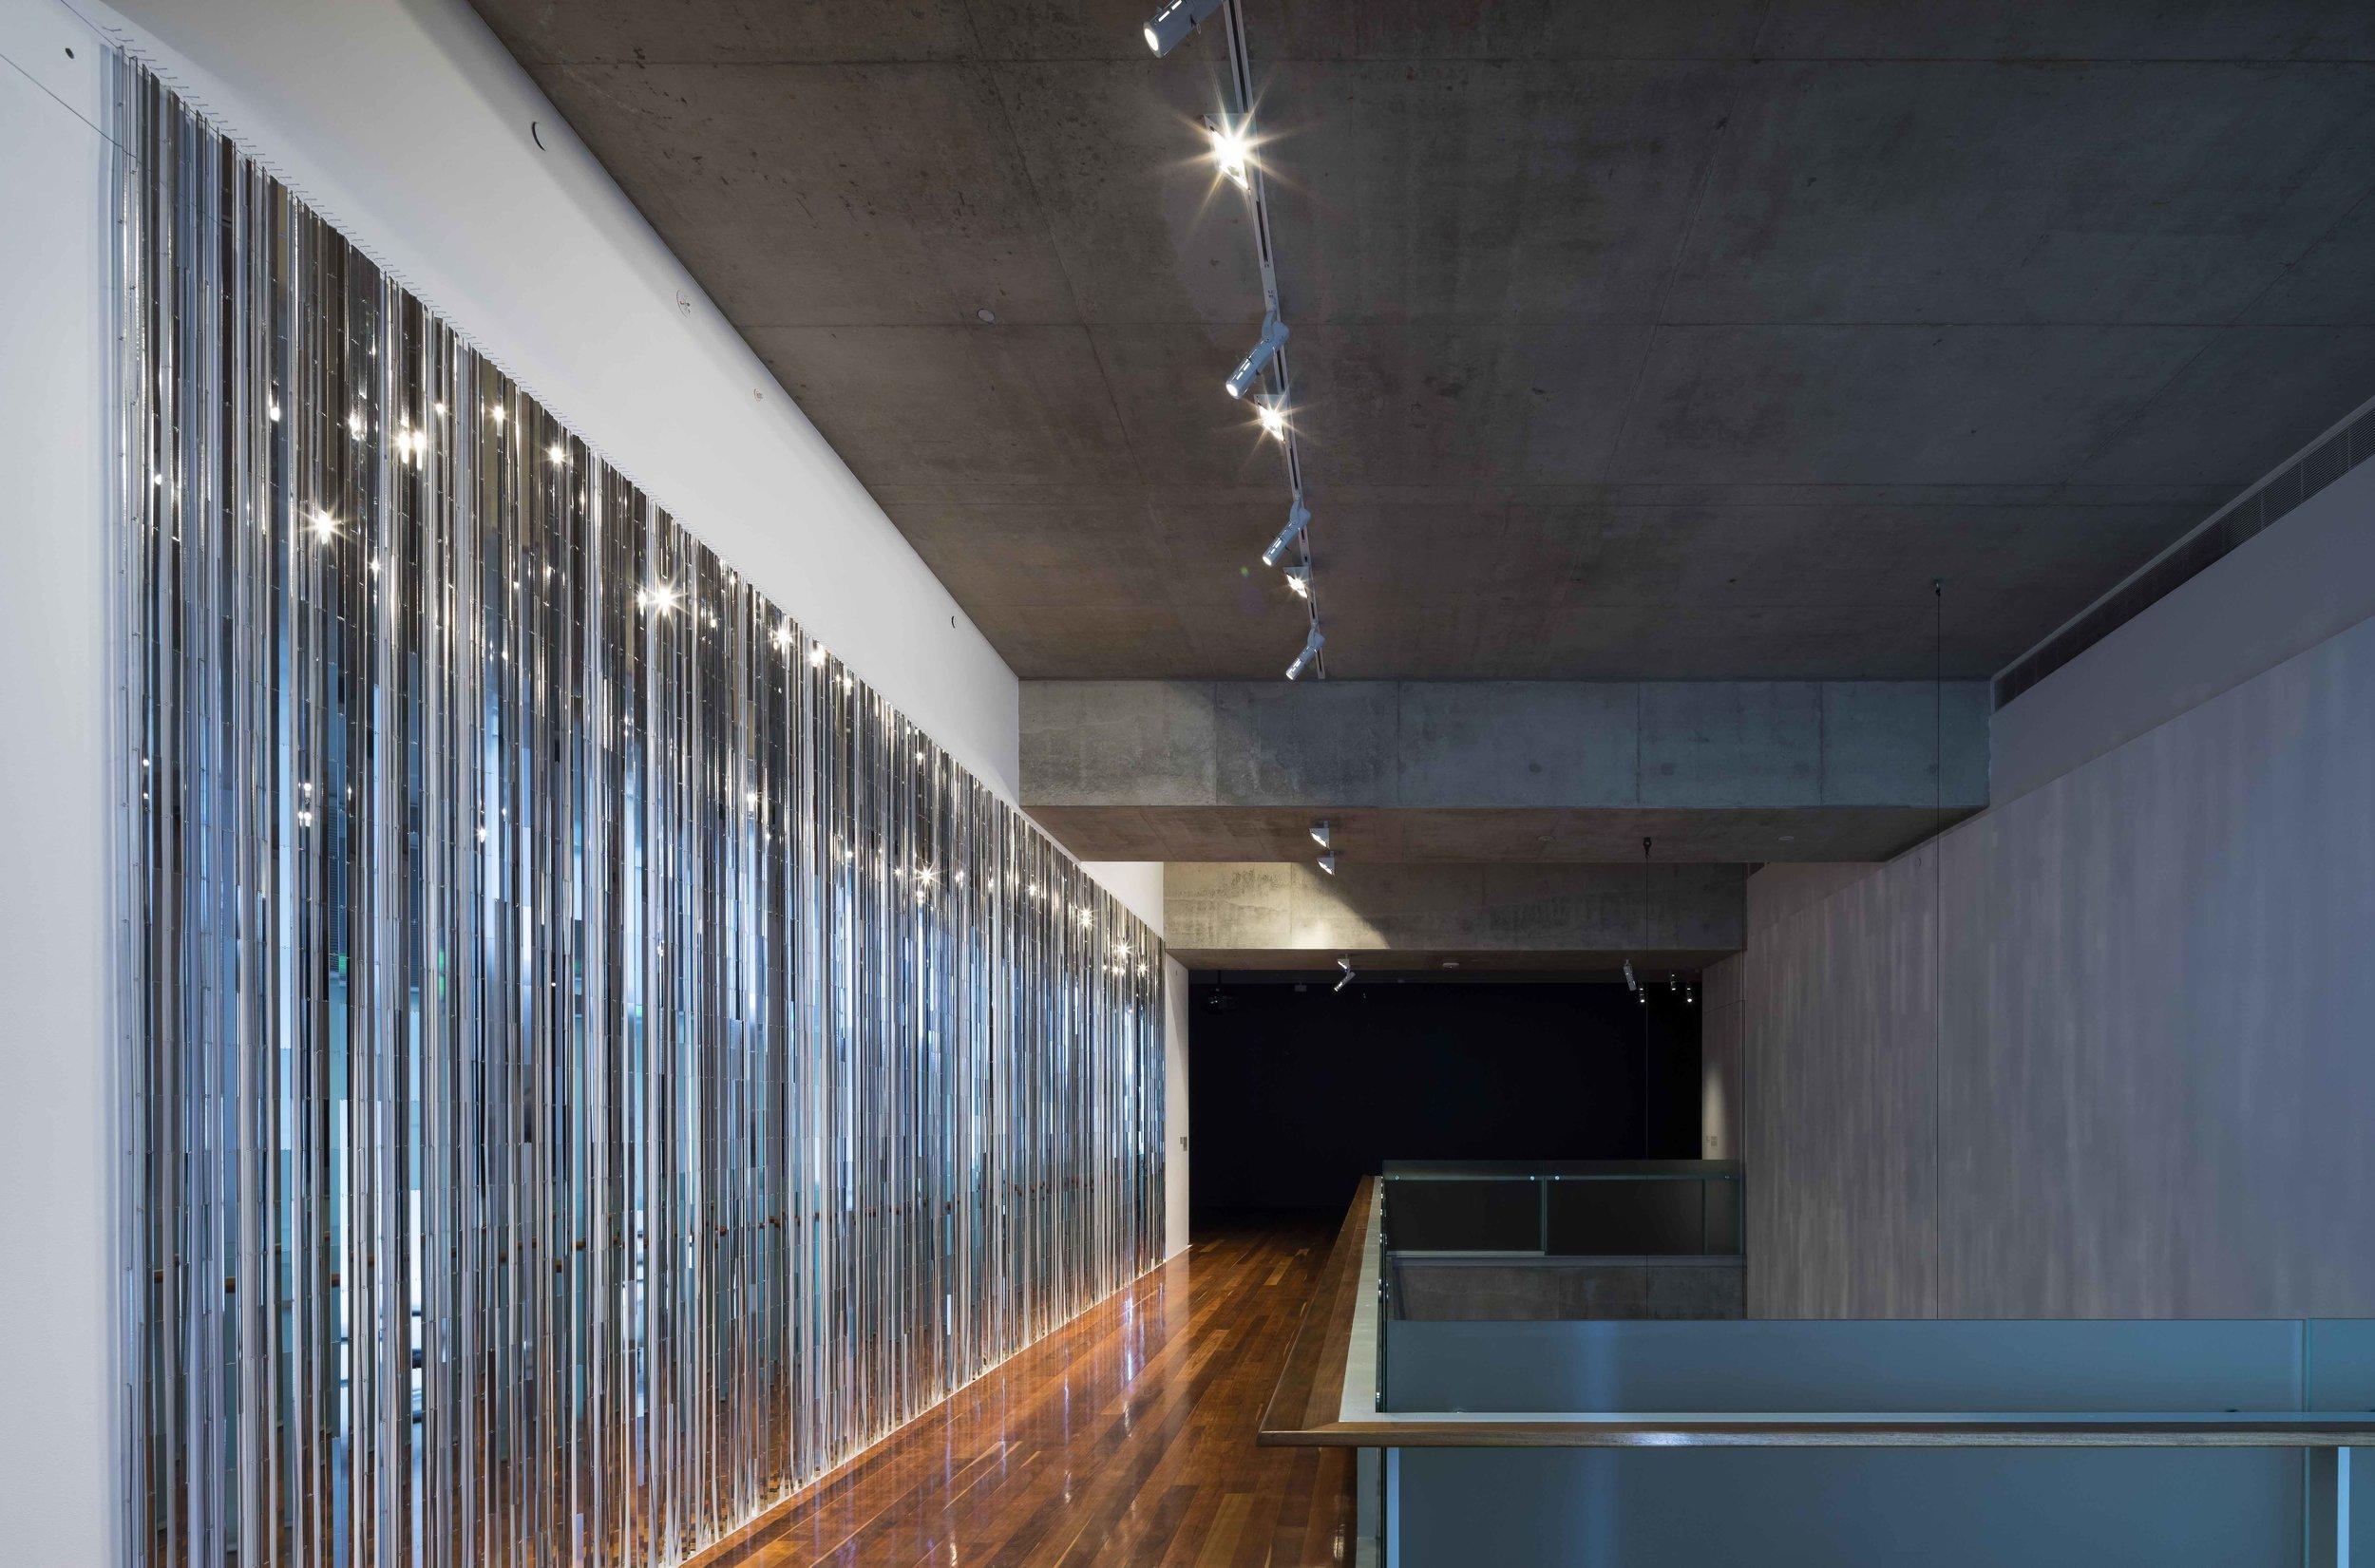 Nike Savvas,  2016  (detail), installation view, Anne & Gordon Samstag Museum of Art. Photograph by Sam Noonan.